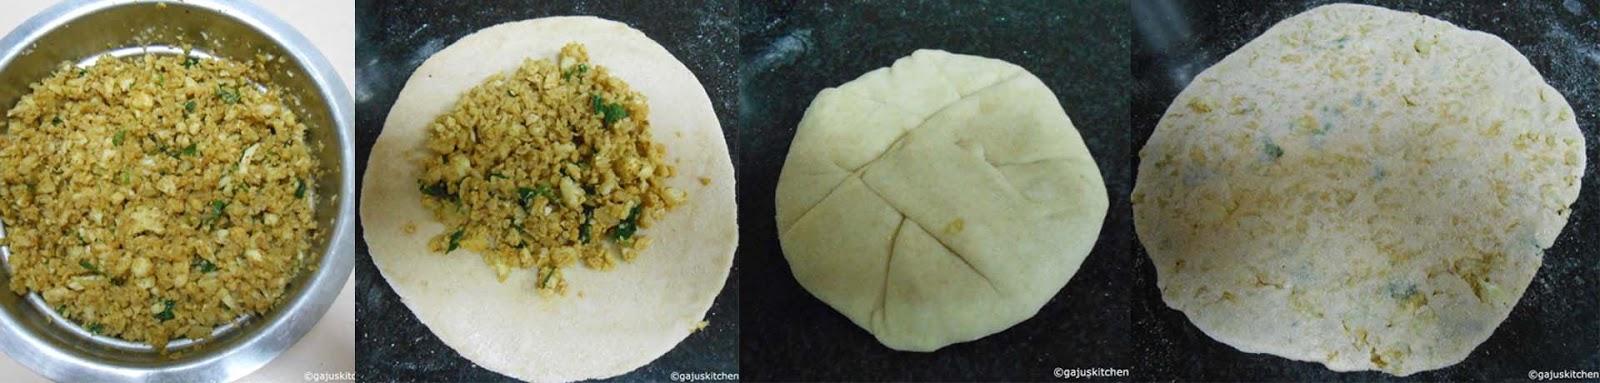 making cauliflower paratha